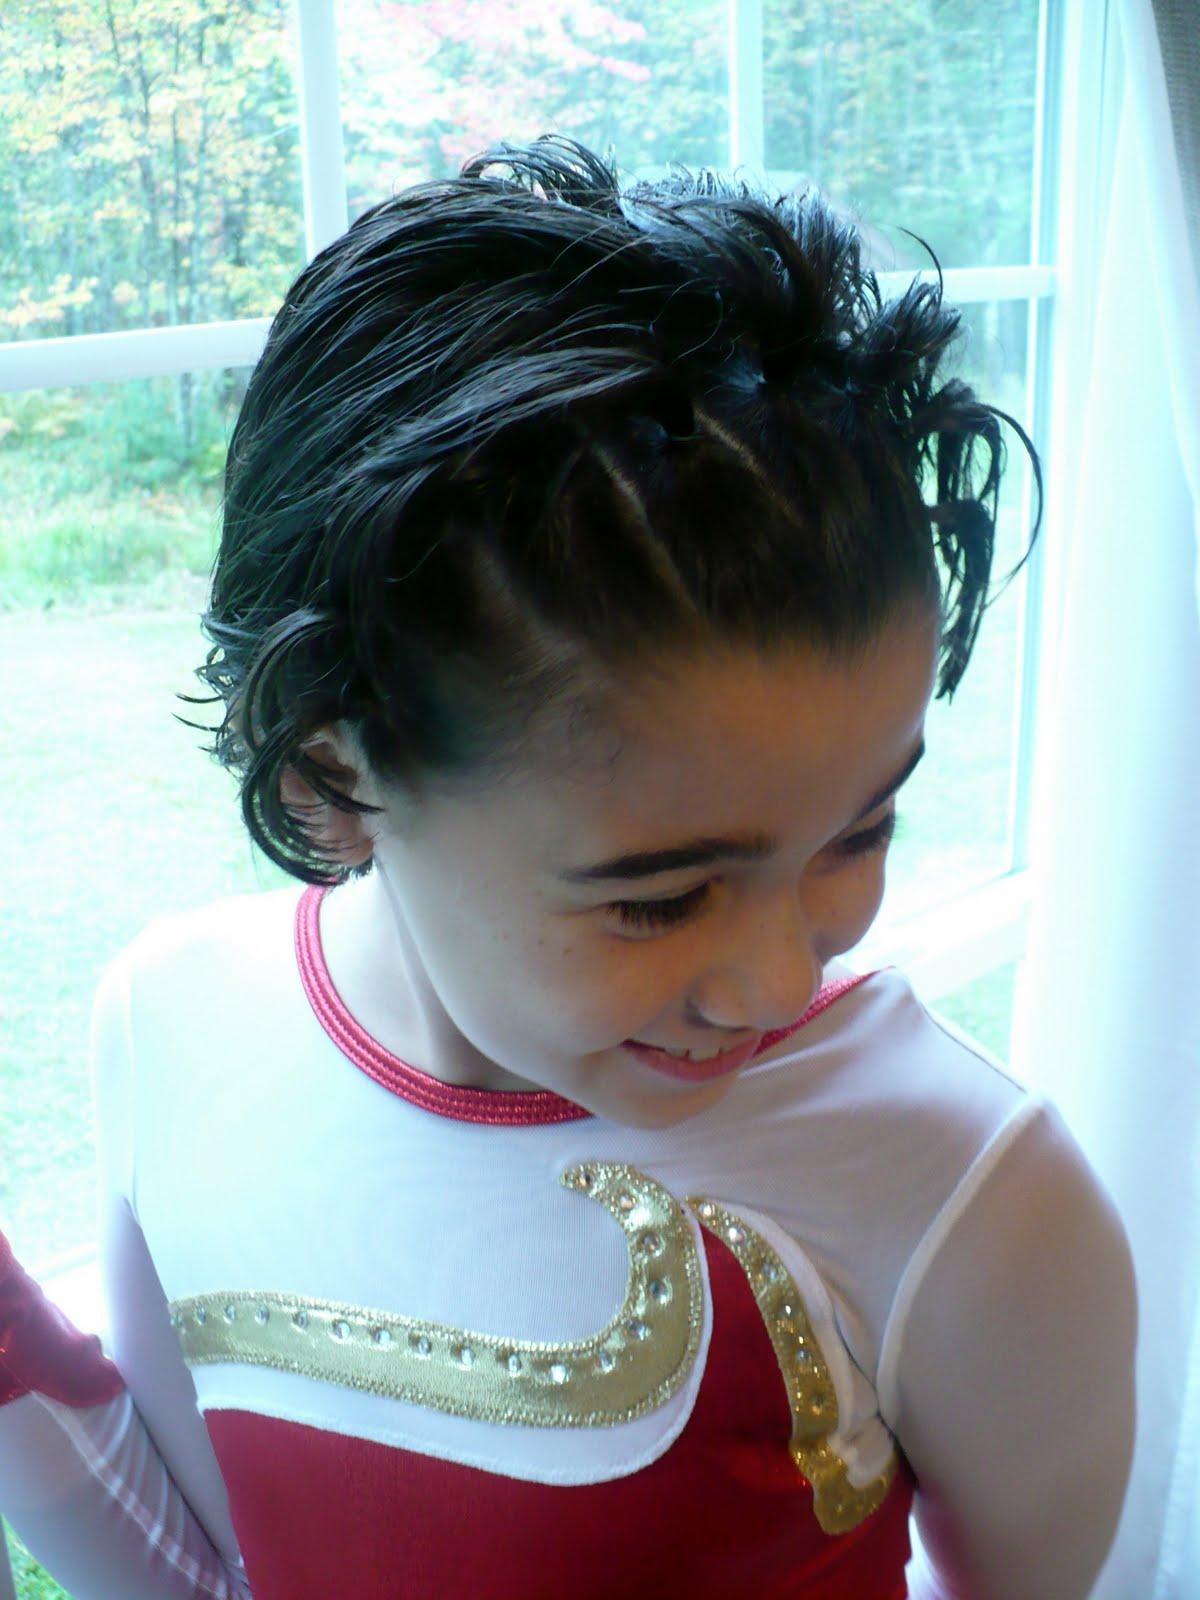 Marvelous Short Hair For Gymnastics Short Hair Fashions Short Hairstyles For Black Women Fulllsitofus